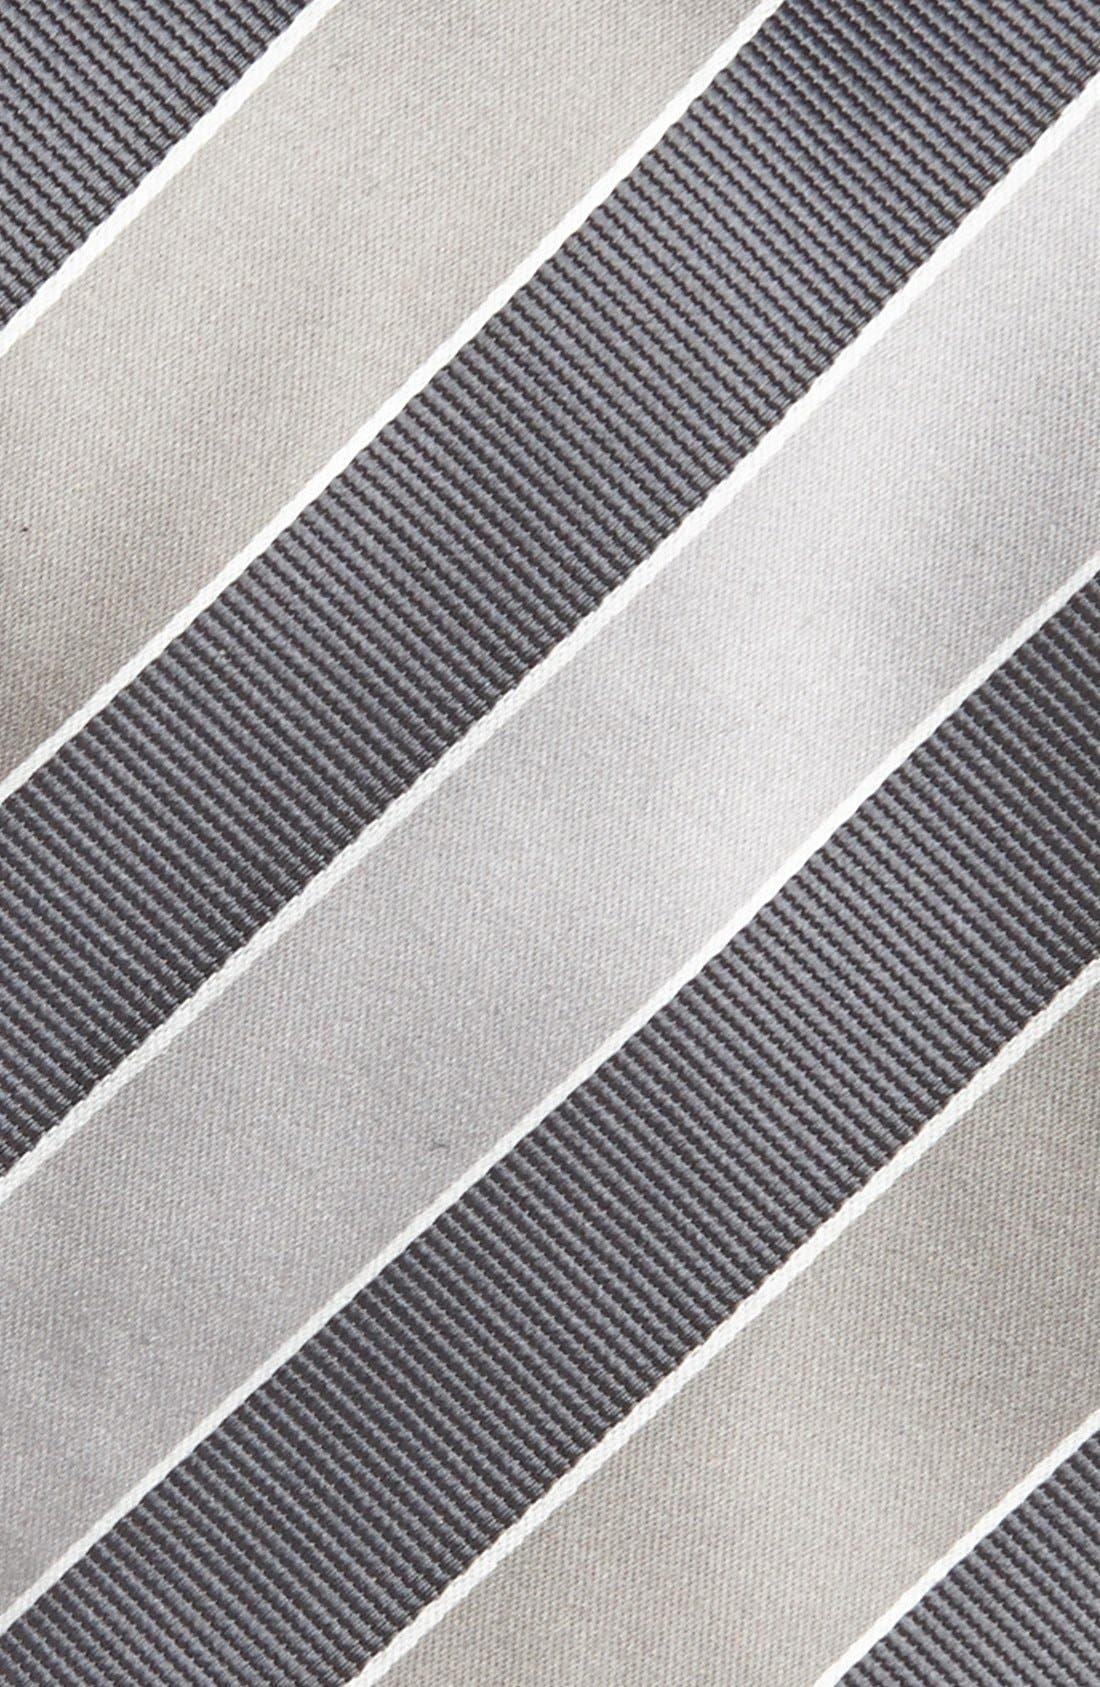 Alternate Image 2  - David Donahue Woven Tie